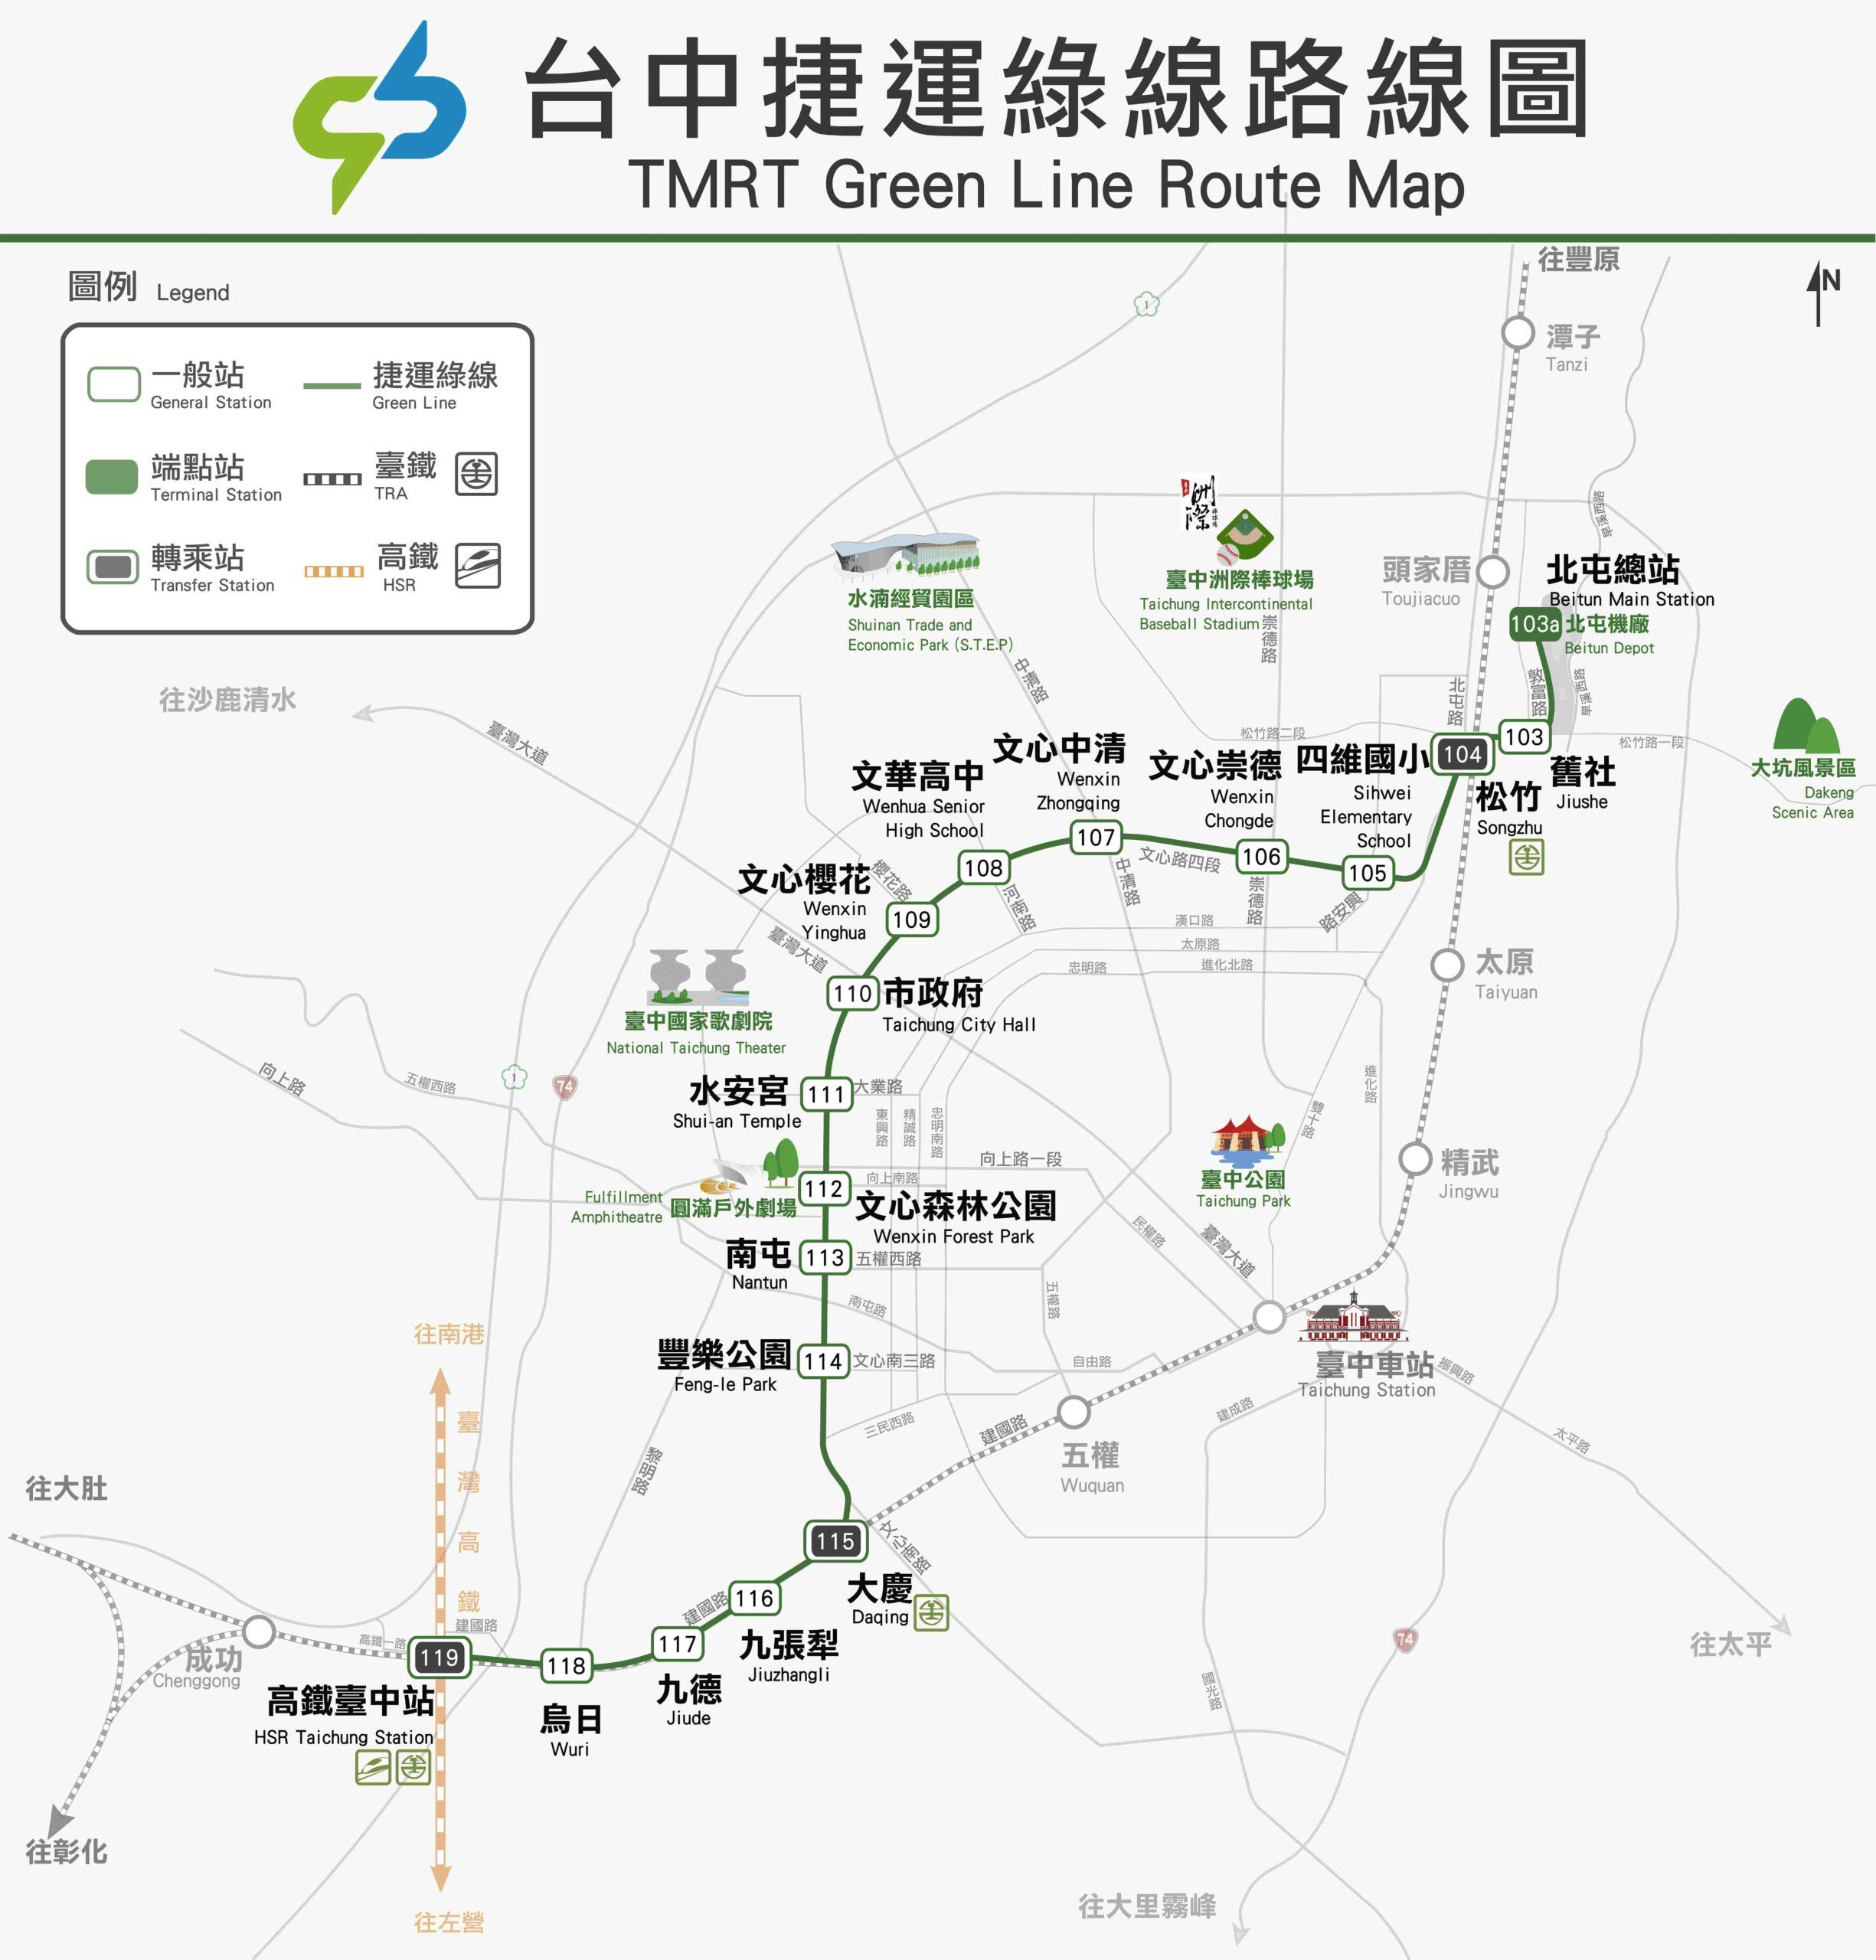 台中MRT(捷運)の路線図